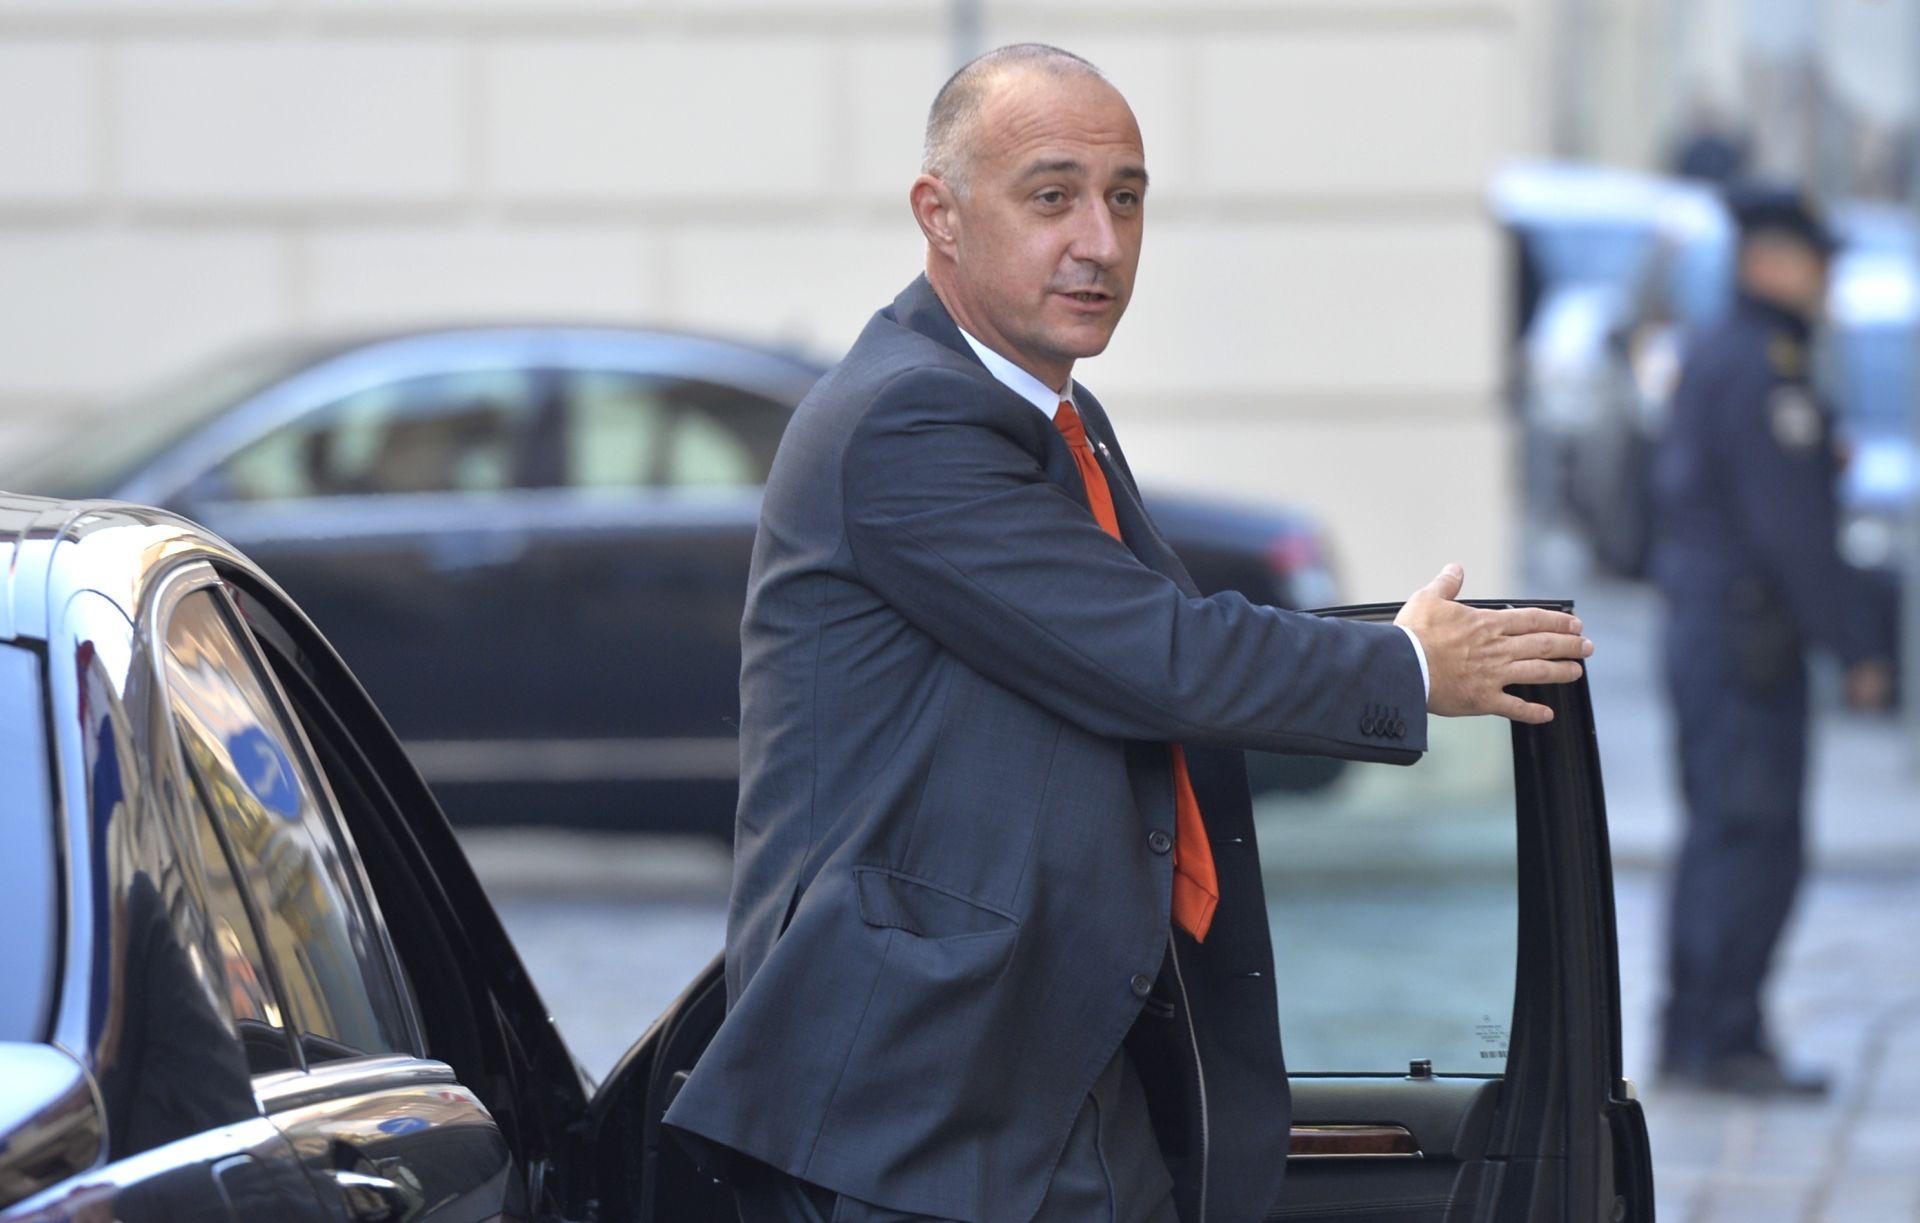 ISTRAGA MAMIĆ: Ministar Vrdoljak greškom pozvan u Uskok umjesto nogometaša Vrdoljaka